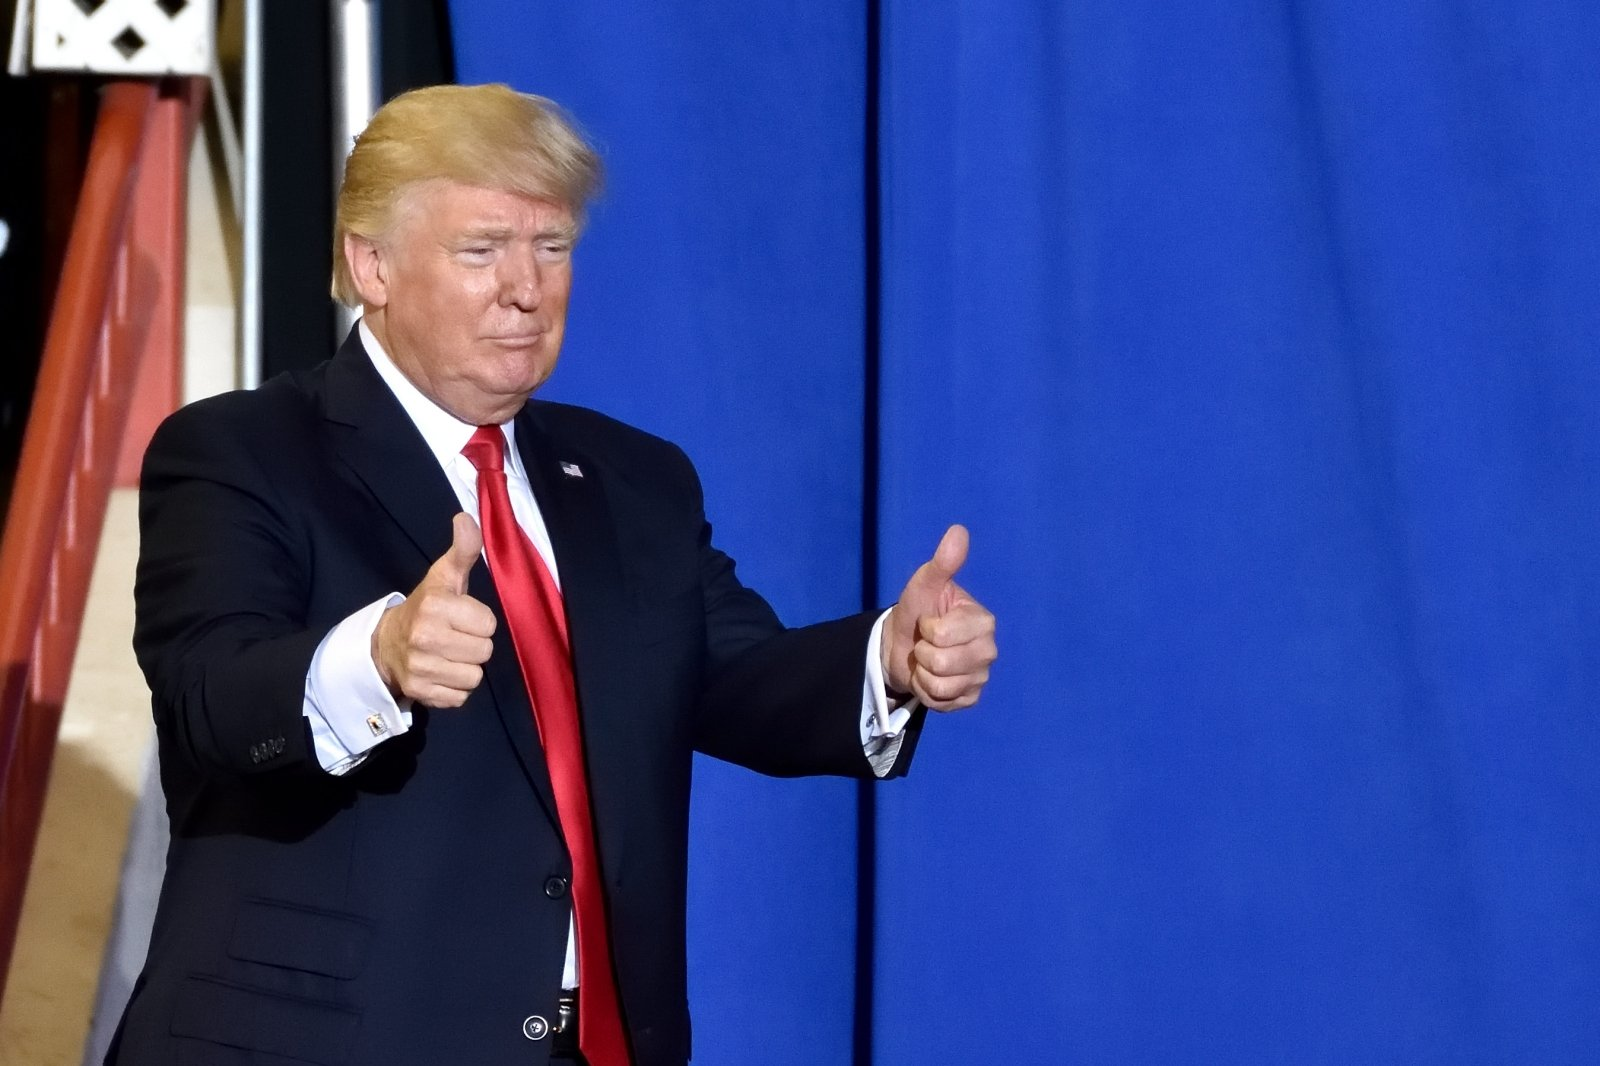 В США не нашли доказательств содействия России переизбранию Трампа